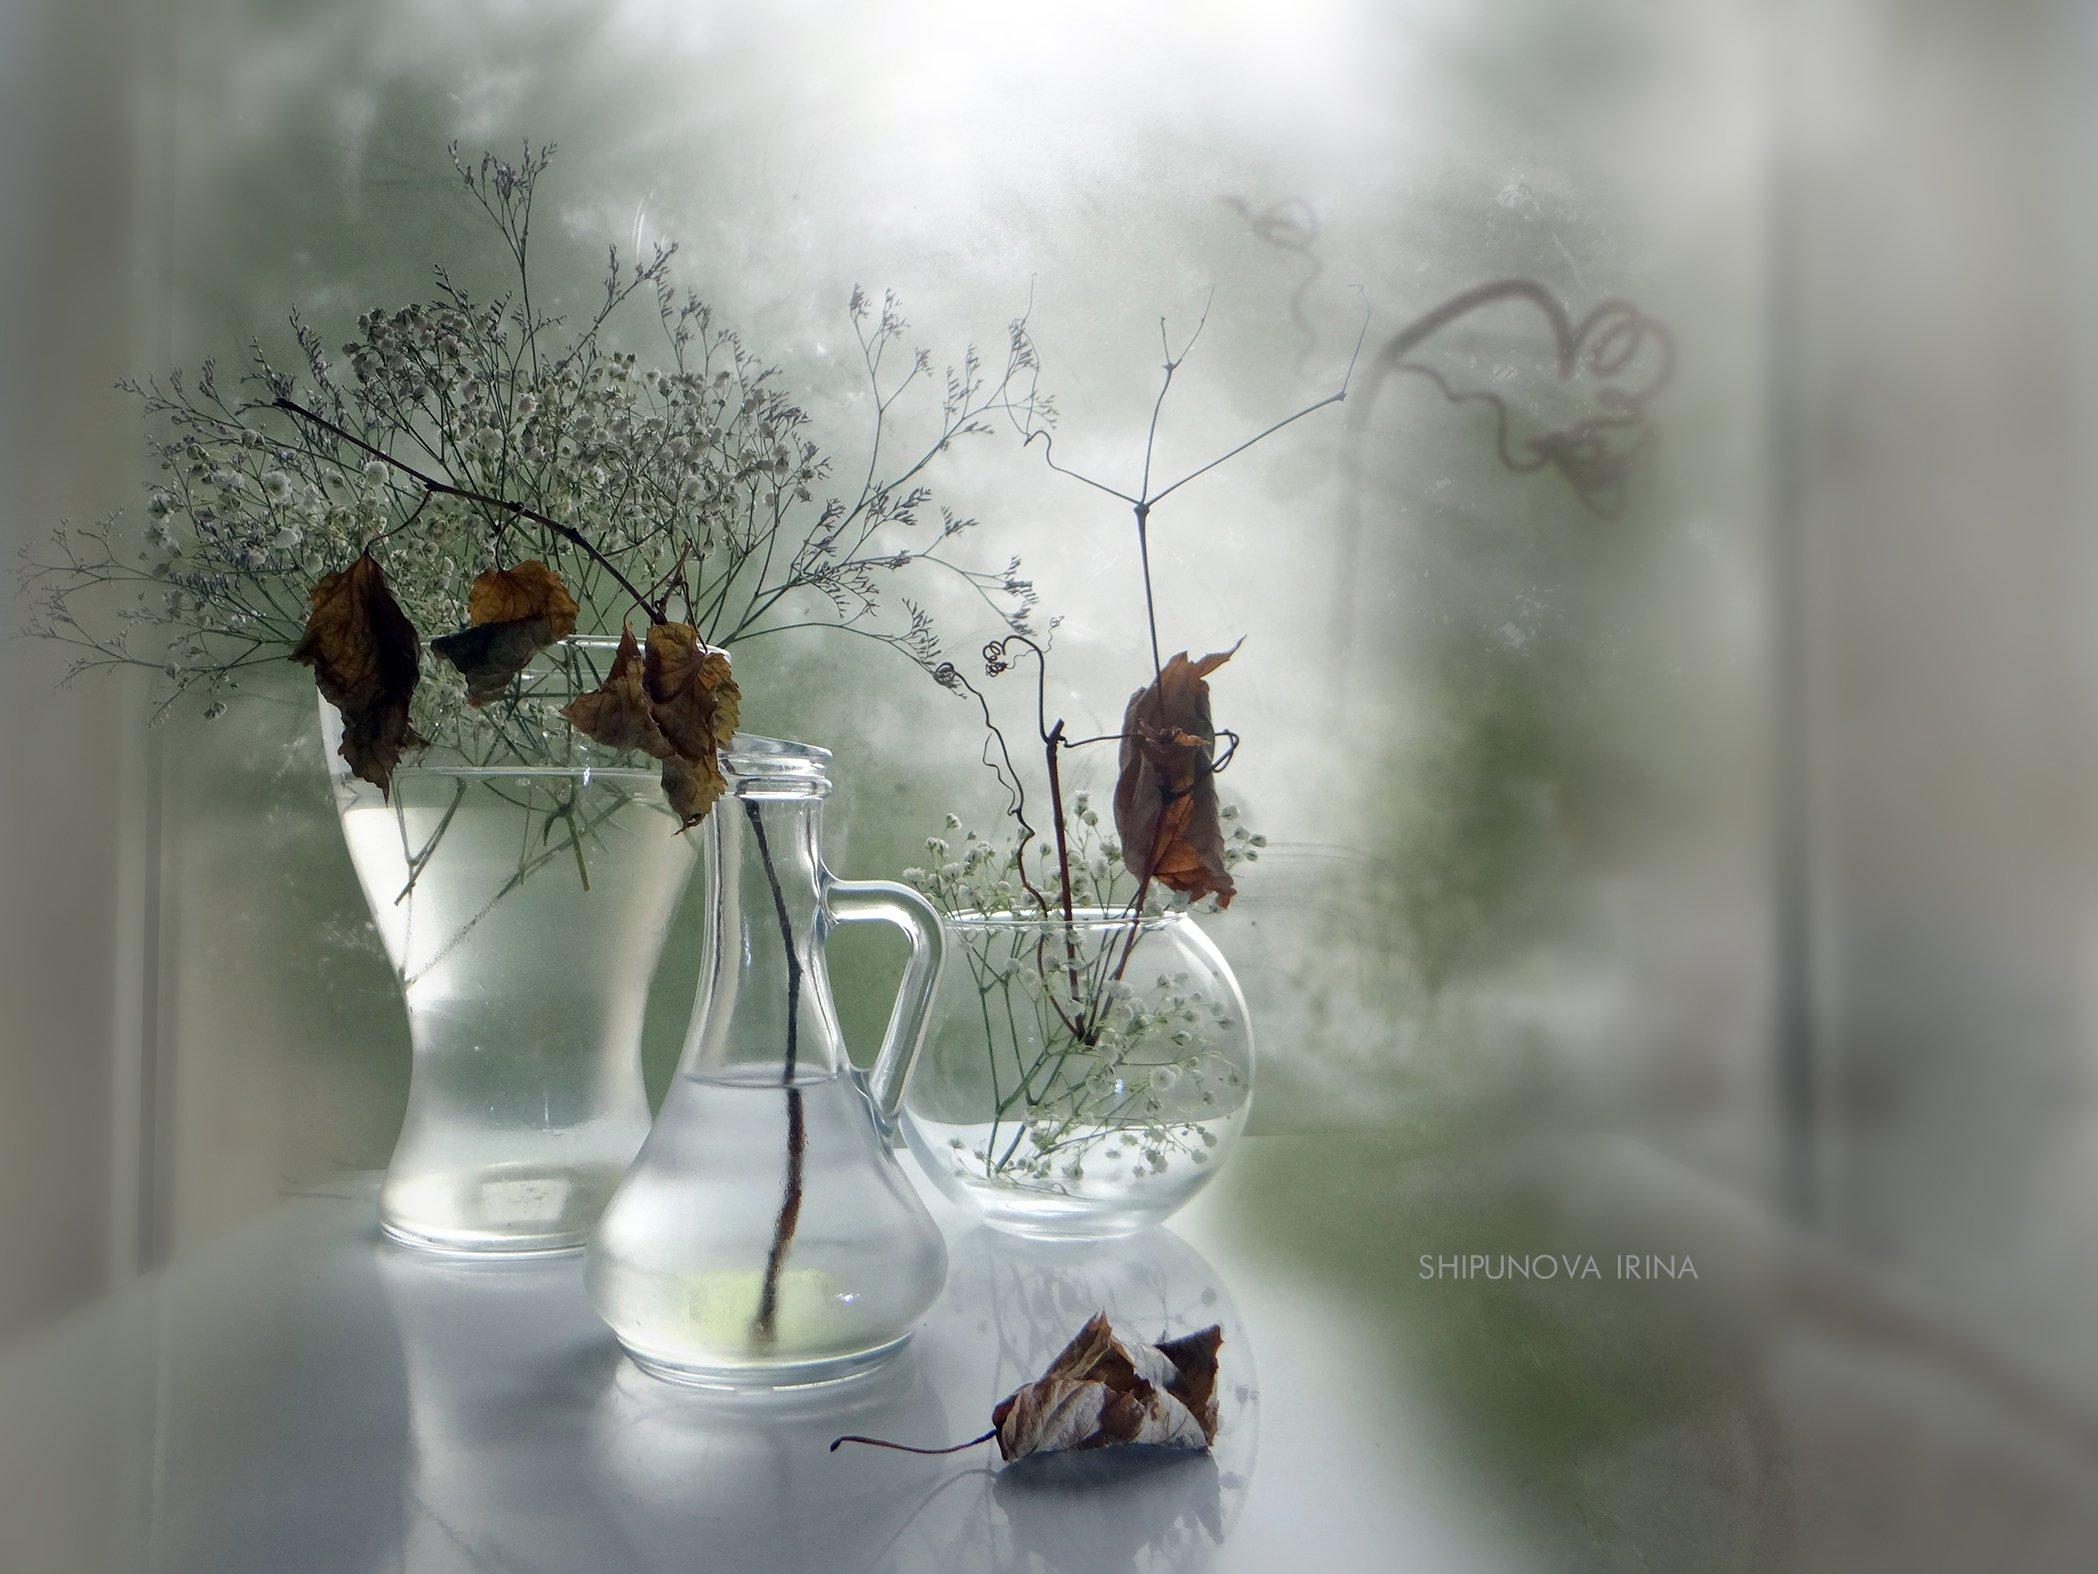 осень сухоцвет листья прозрачность стекло, Шипунова Ирина